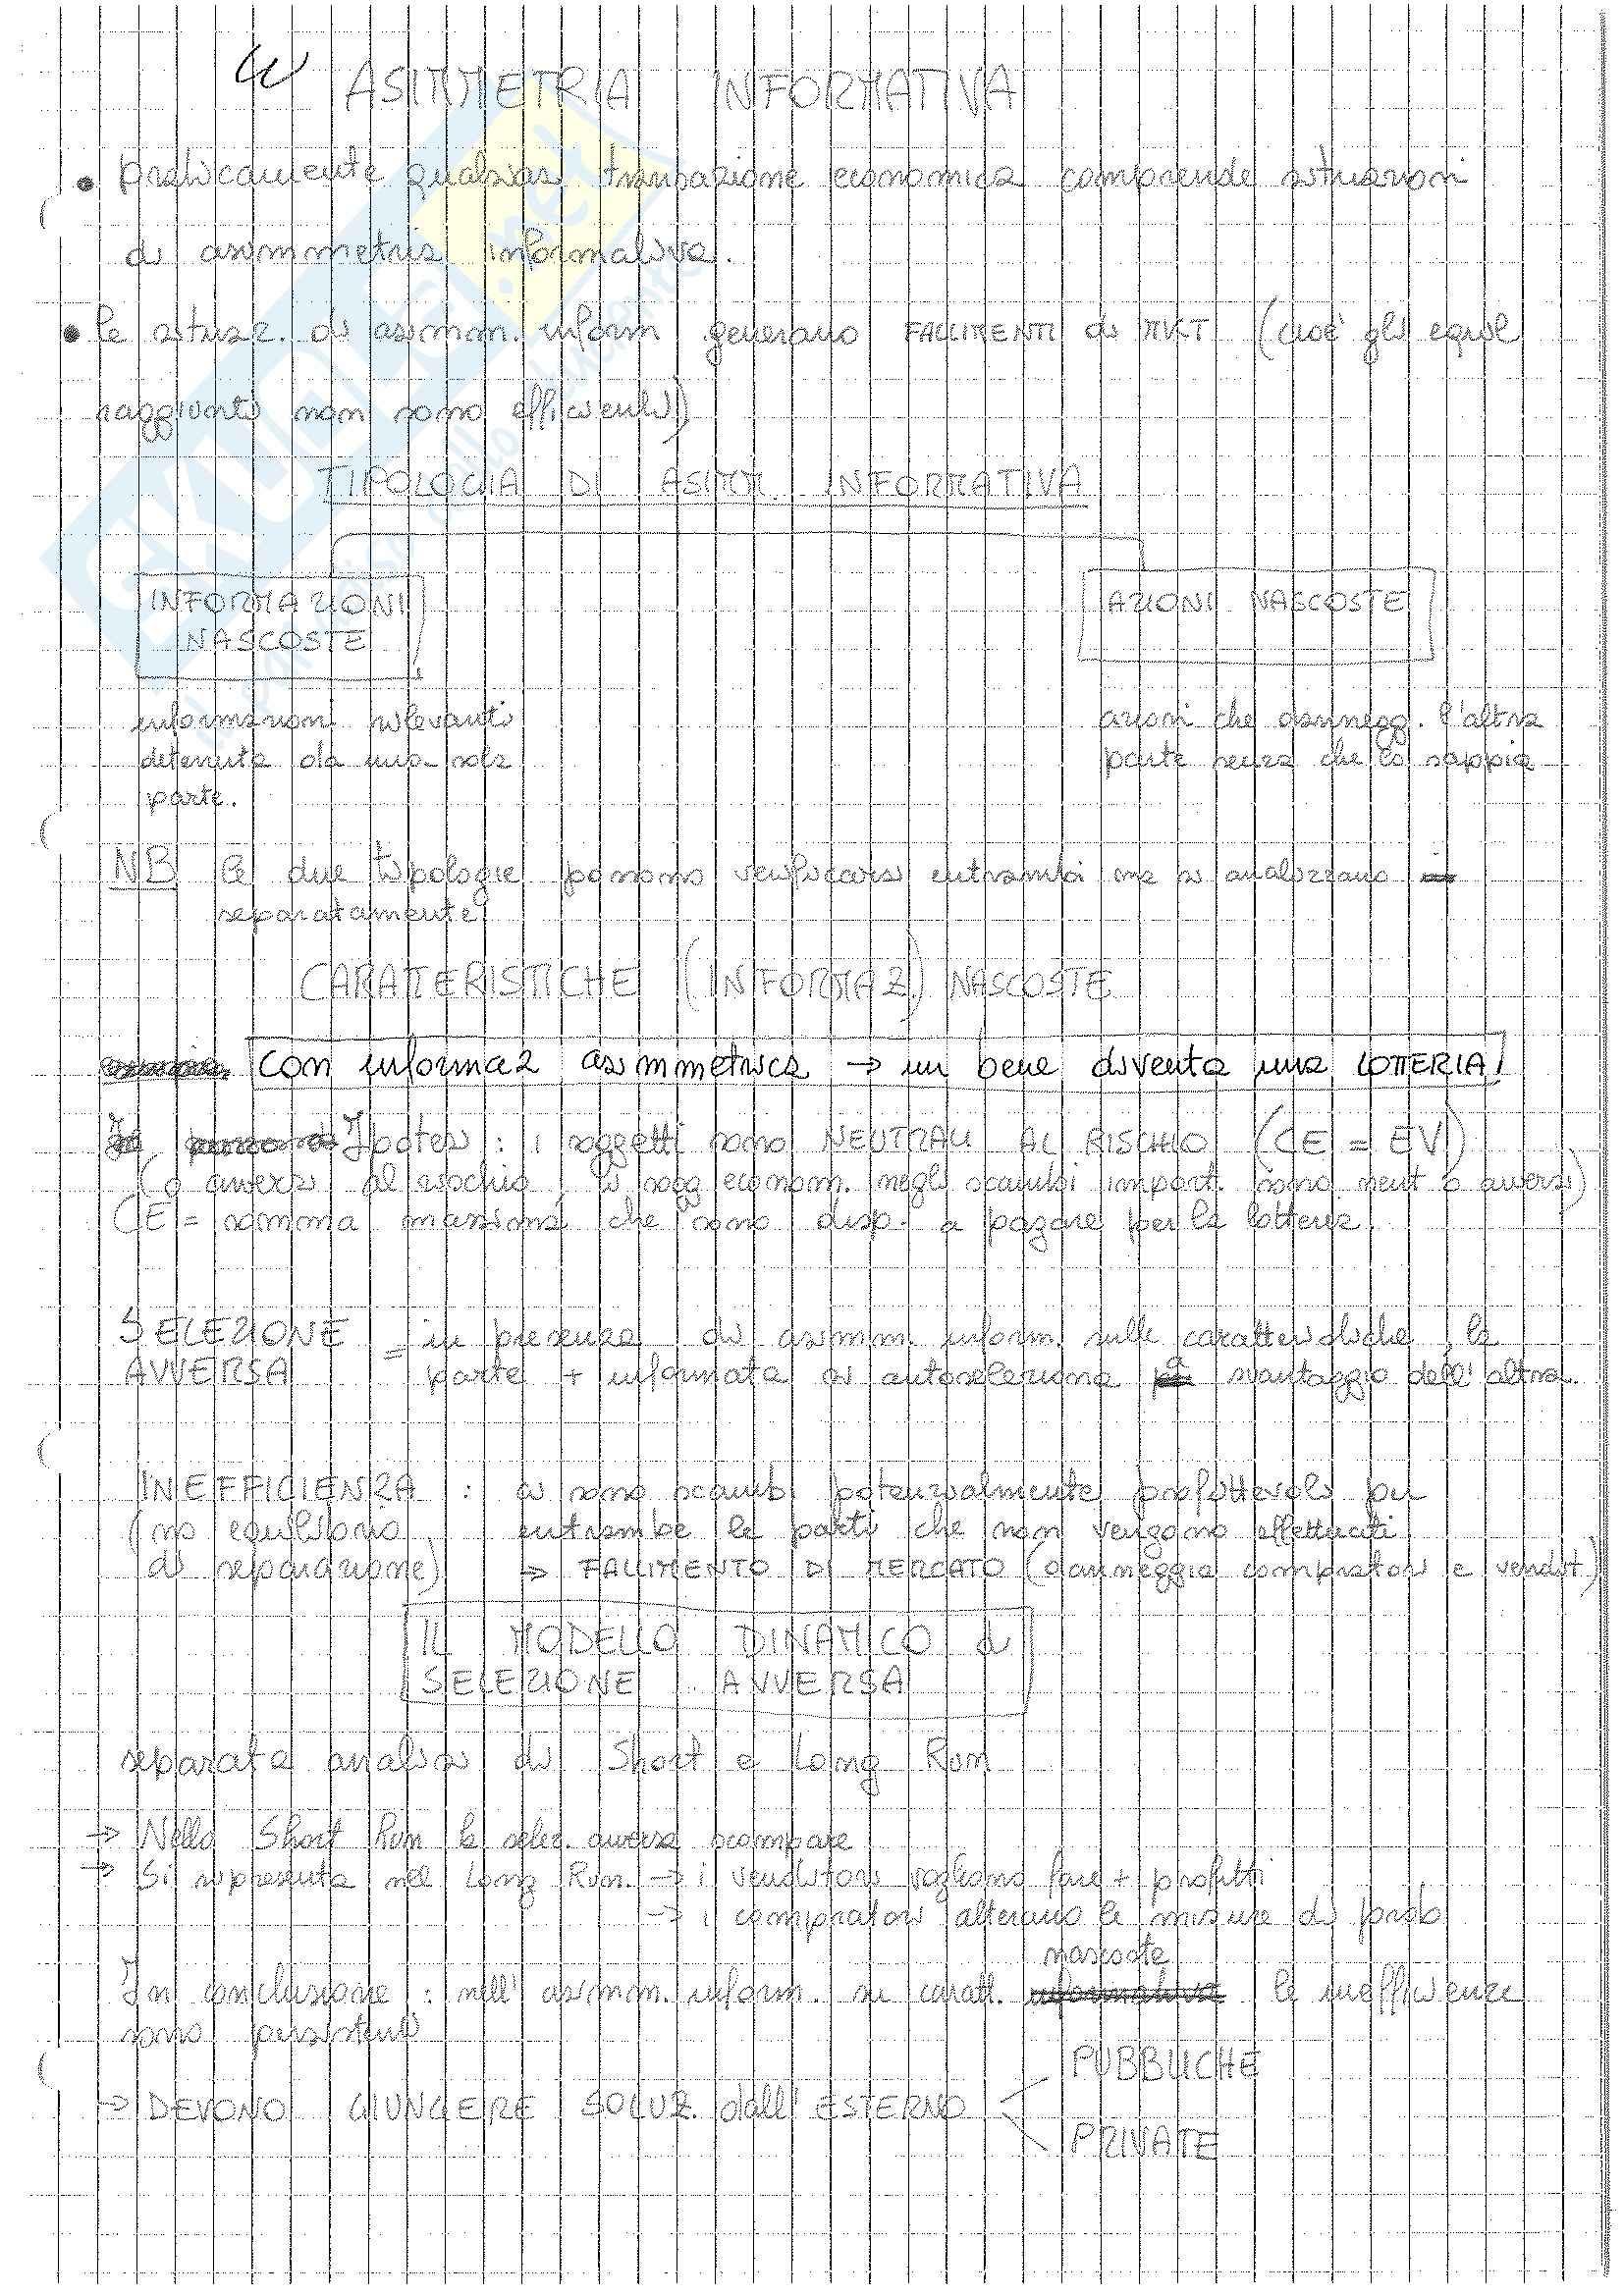 MB110: Appunti di Microeconomia Pag. 91